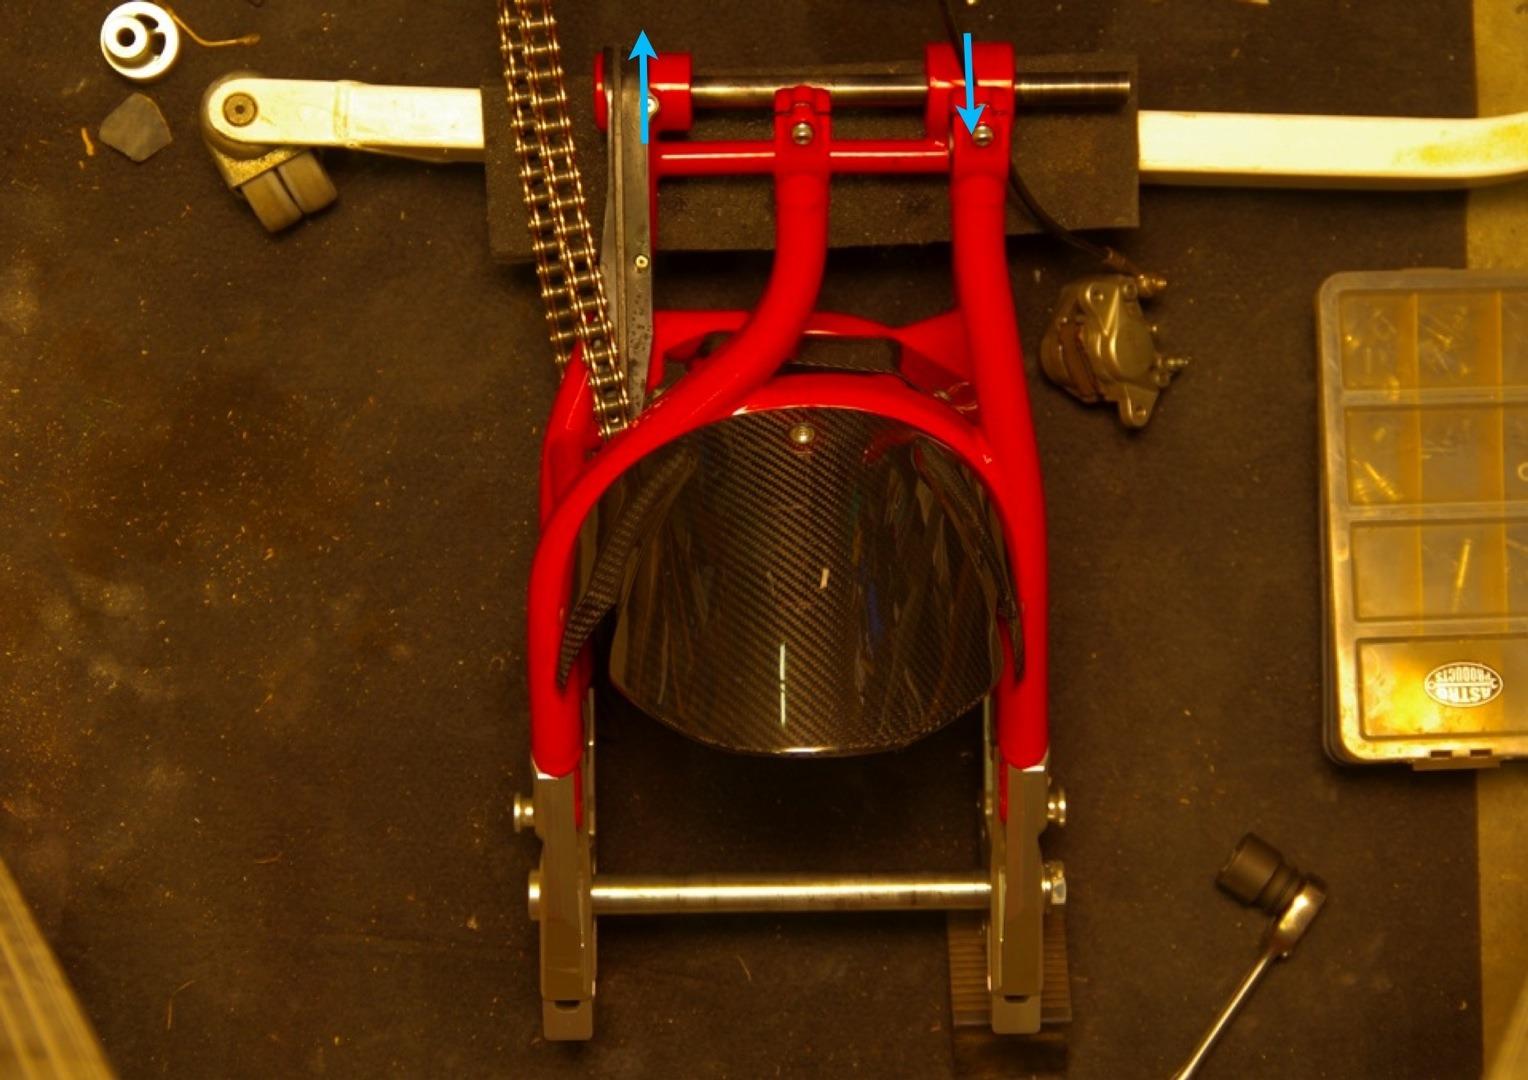 【DB7】スイングアームピボットがズレてる件_e0159646_257316.jpg